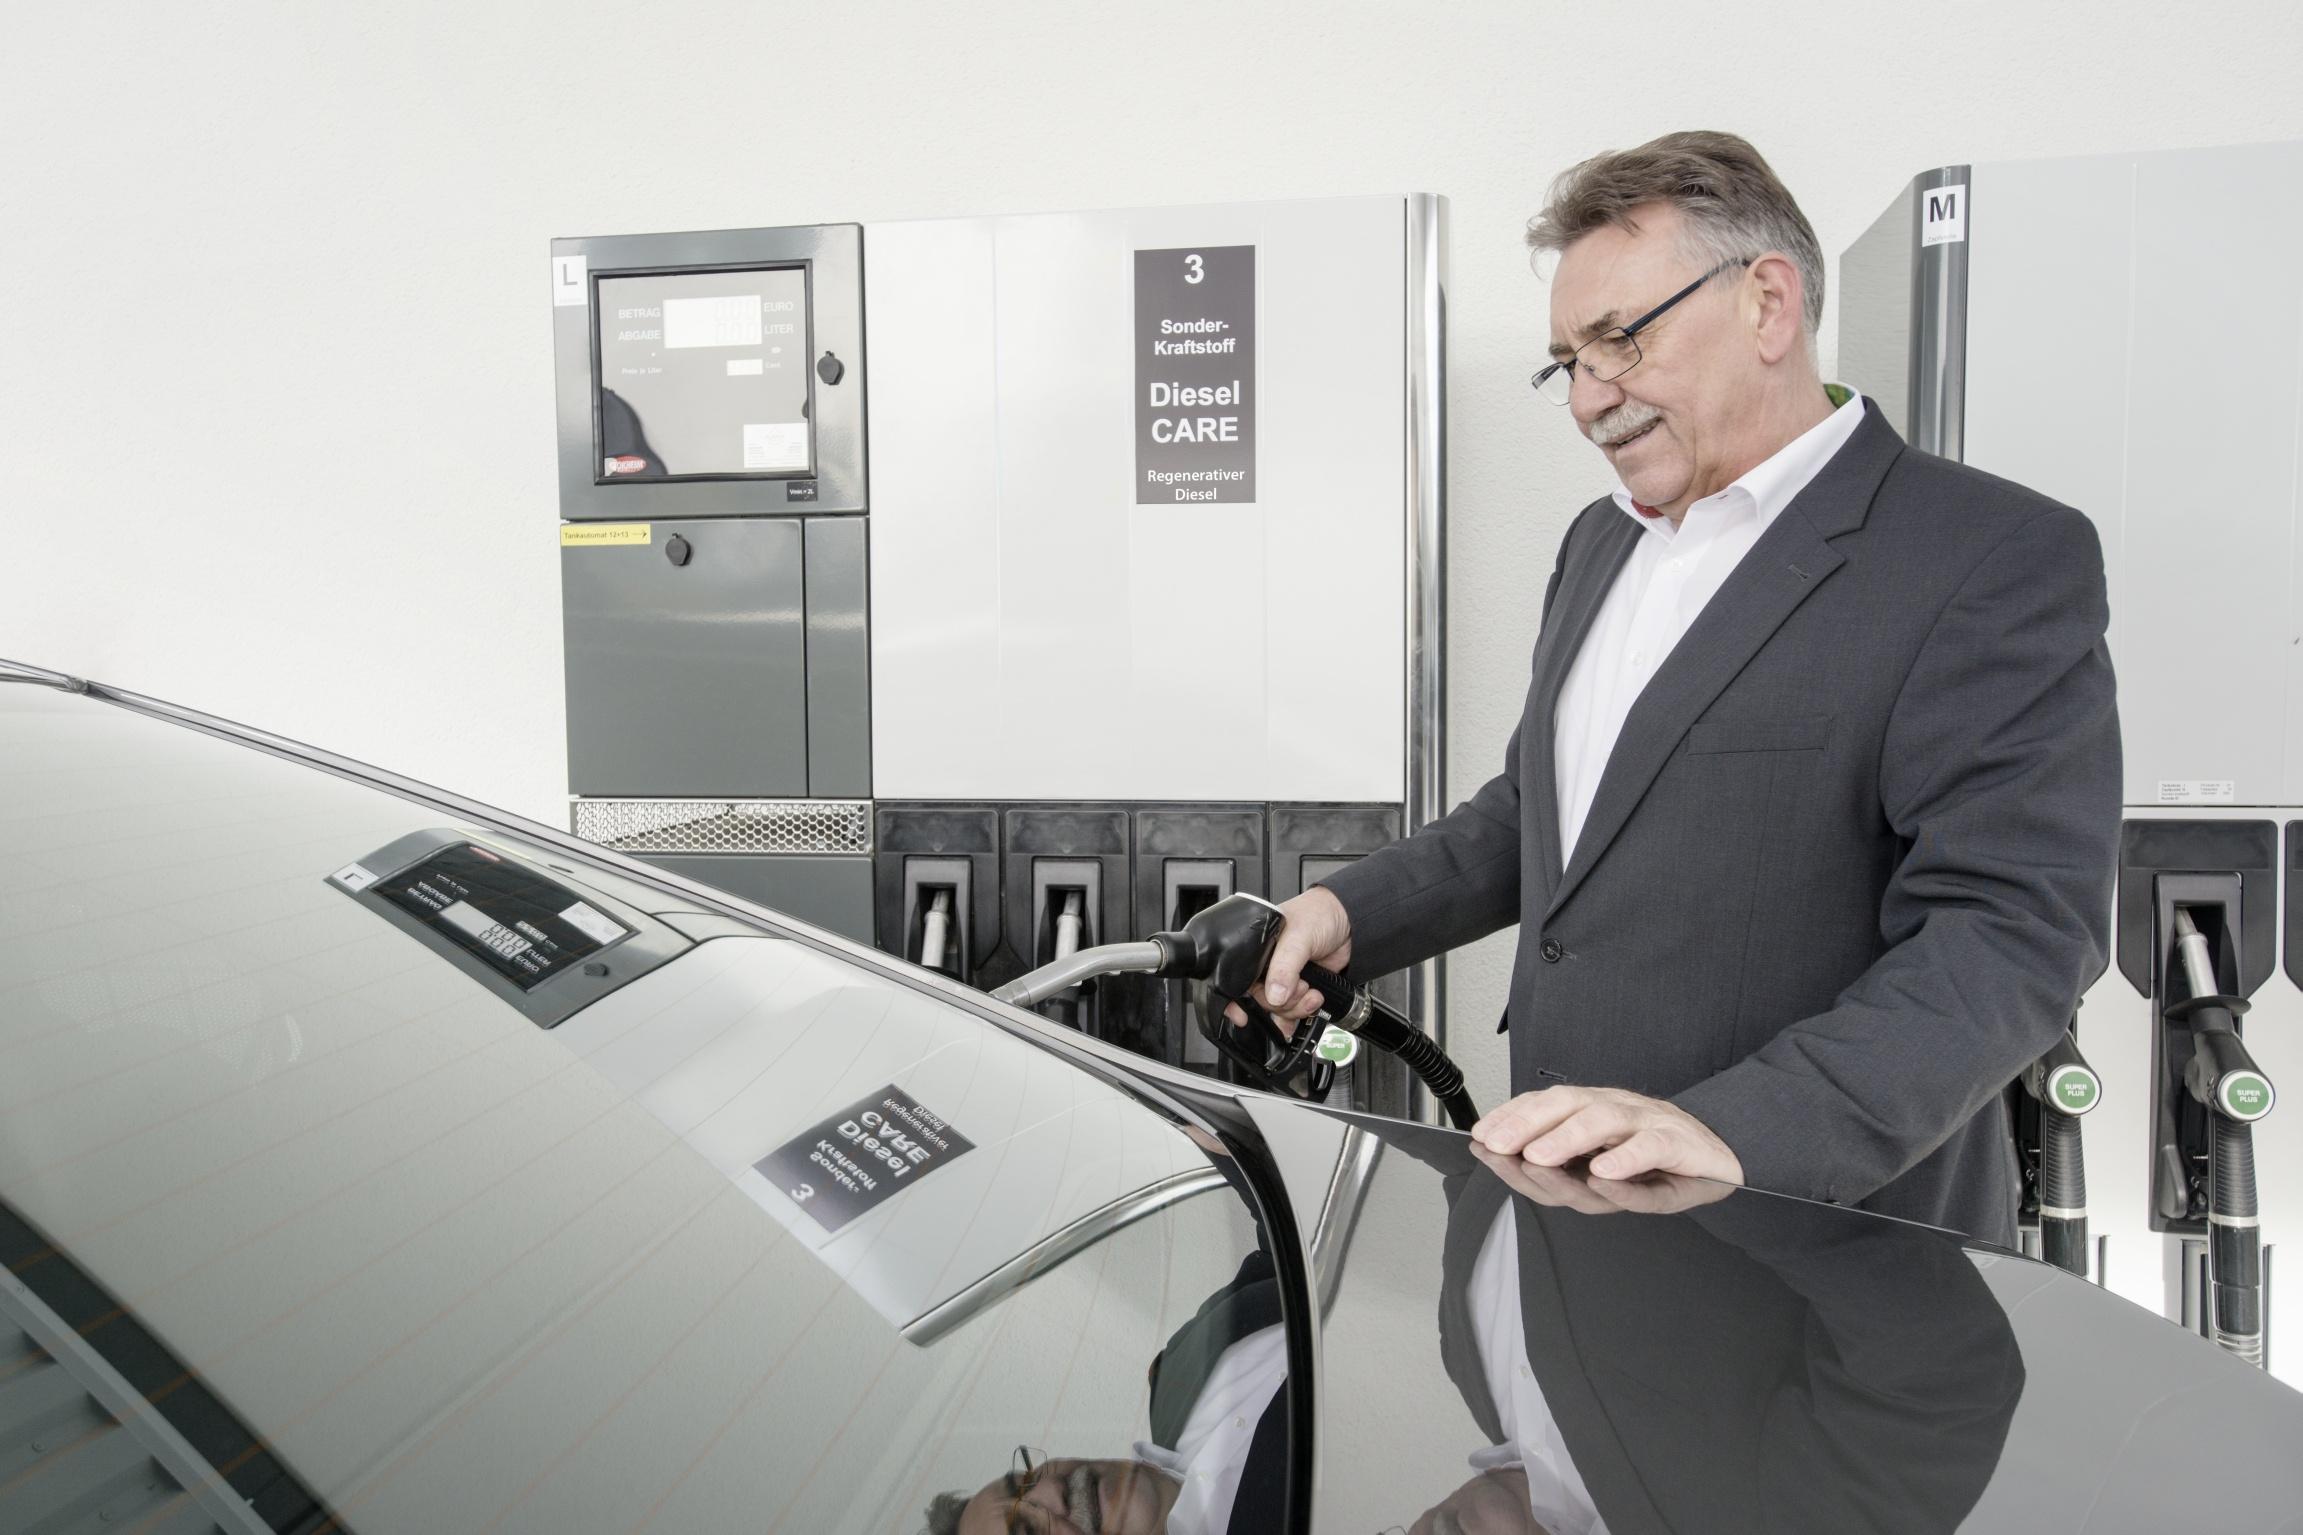 Bosch trialing fully renewable diesel fuel